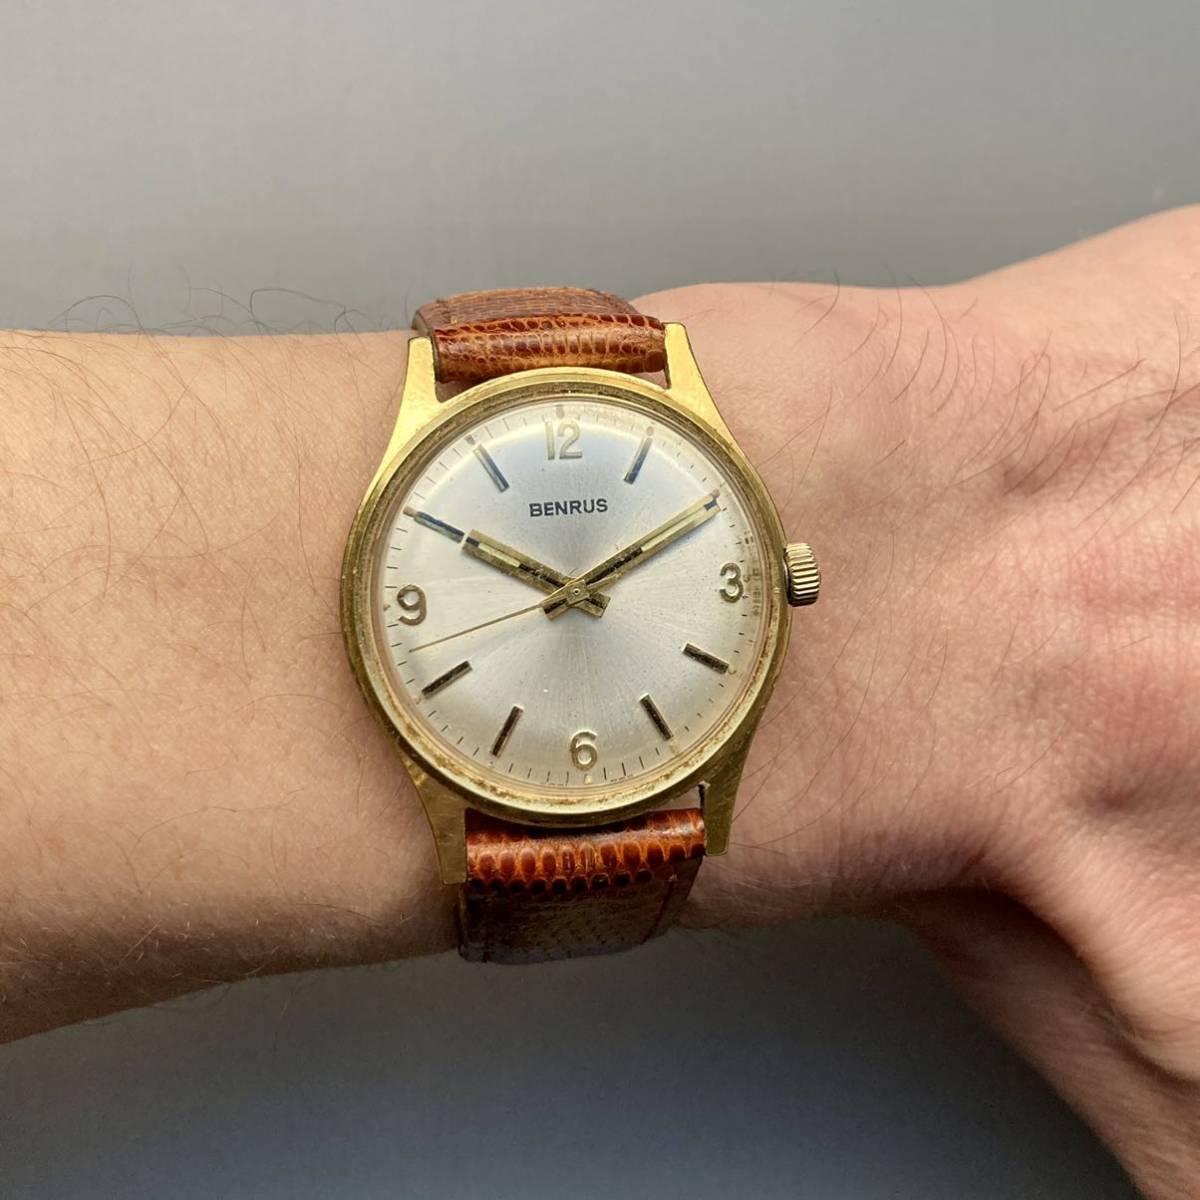 美品★動作良好★BENRUS ベンラス アンティーク 腕時計 メンズ 手巻き ケース径33㎜ ビンテージ ウォッチ 男性 レトロ_画像10